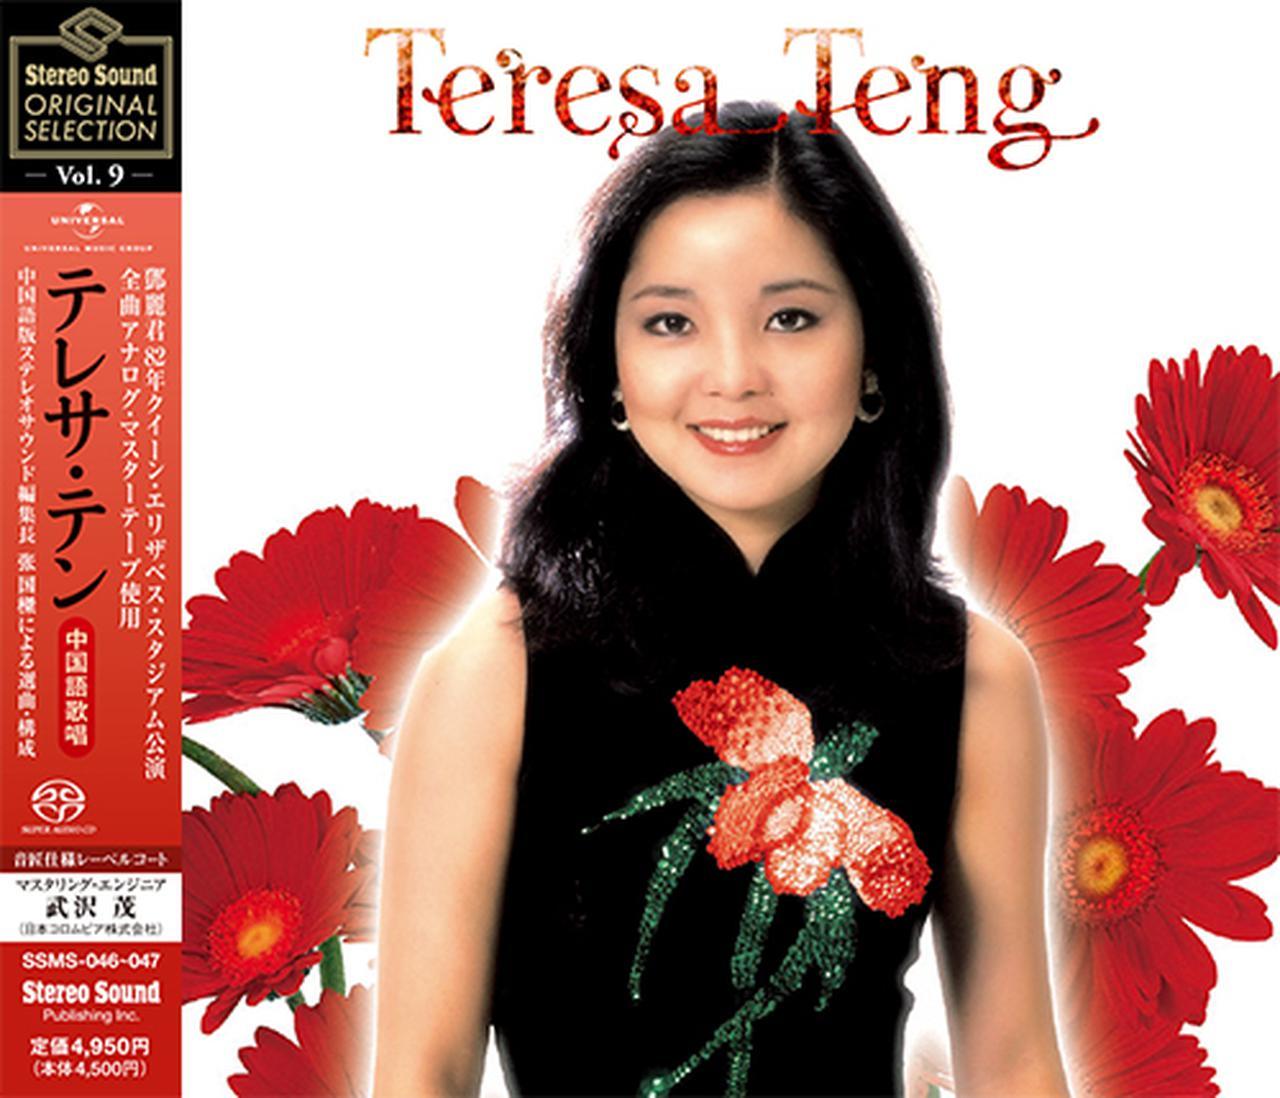 画像: Stereo Sound ORIGINAL SELECTION Vol.9 「テレサ・テン≪全曲中国語歌唱≫」(Single Layer SACD+CD・2枚組)SSMS-046~047 ※予約商品・2月9日より順次発送予定